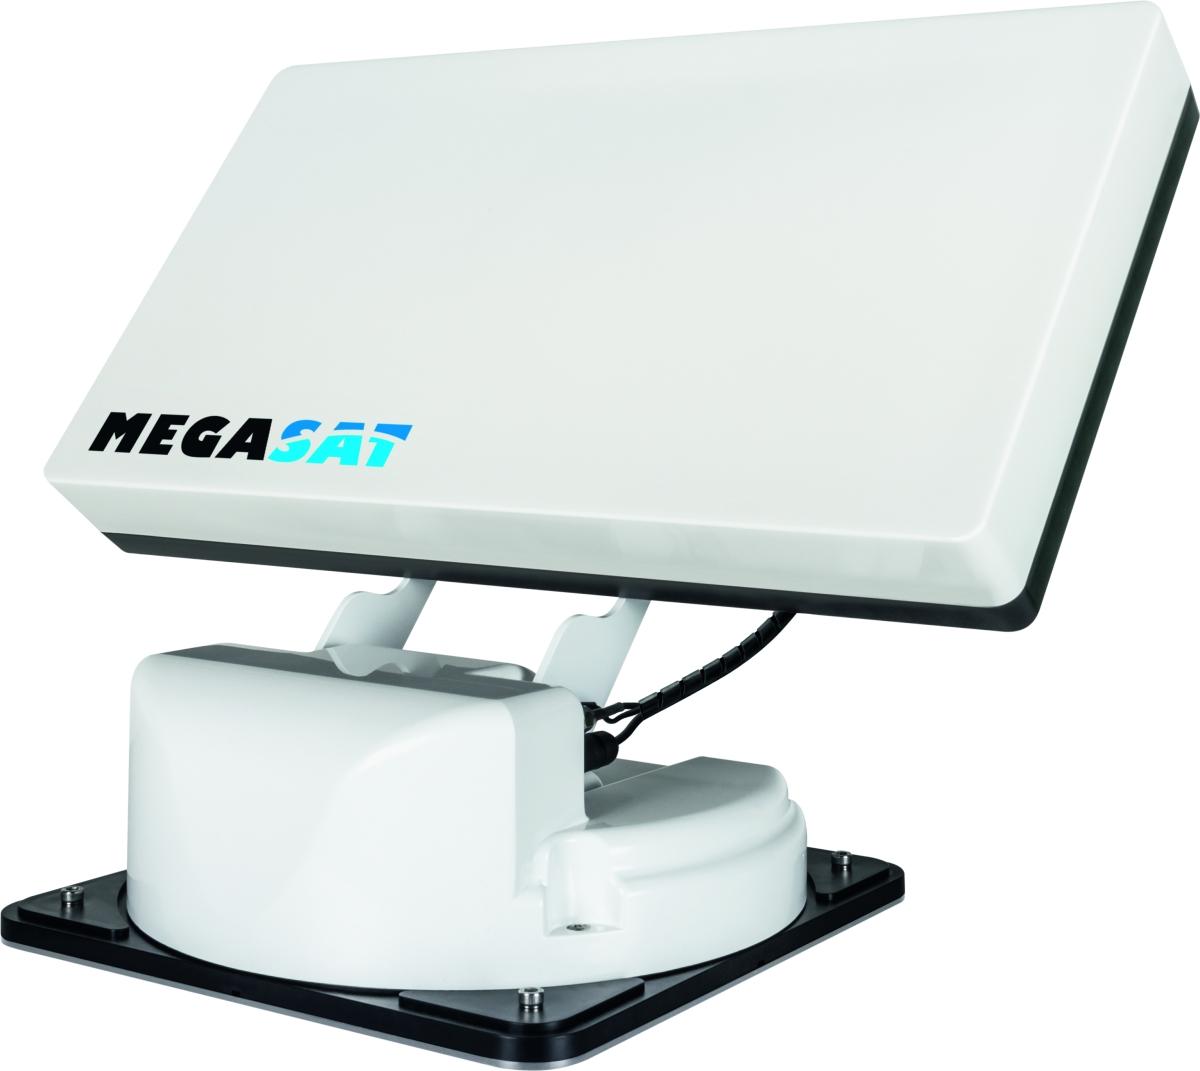 Megasat Antenne Traveller-Man 3